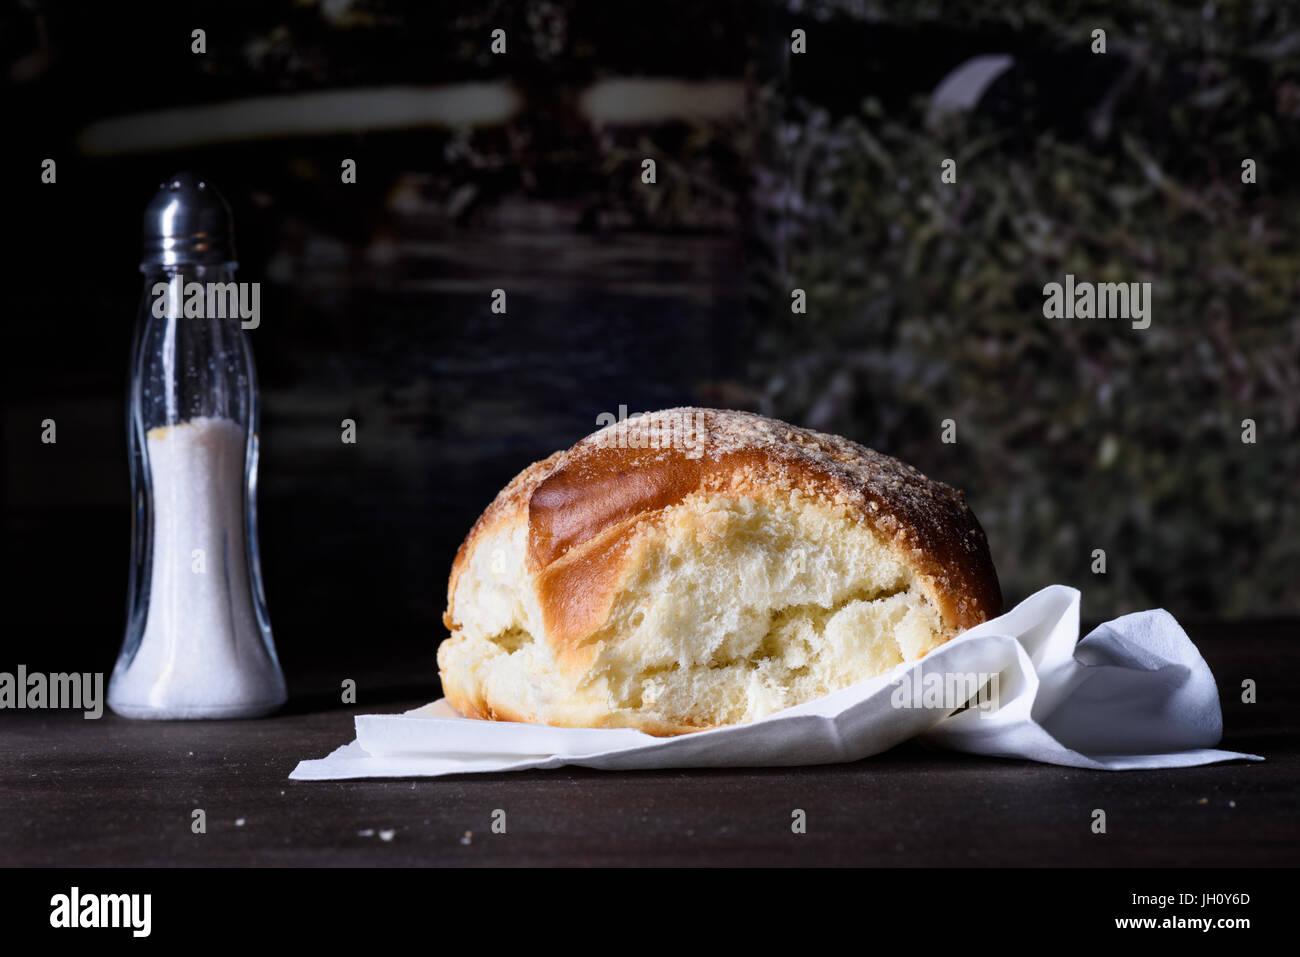 Gebackene Burger Brötchen, frisches Gebäck auf hölzernen Zähler nach oben, Nahaufnahme, Textfreiraum. Stockbild